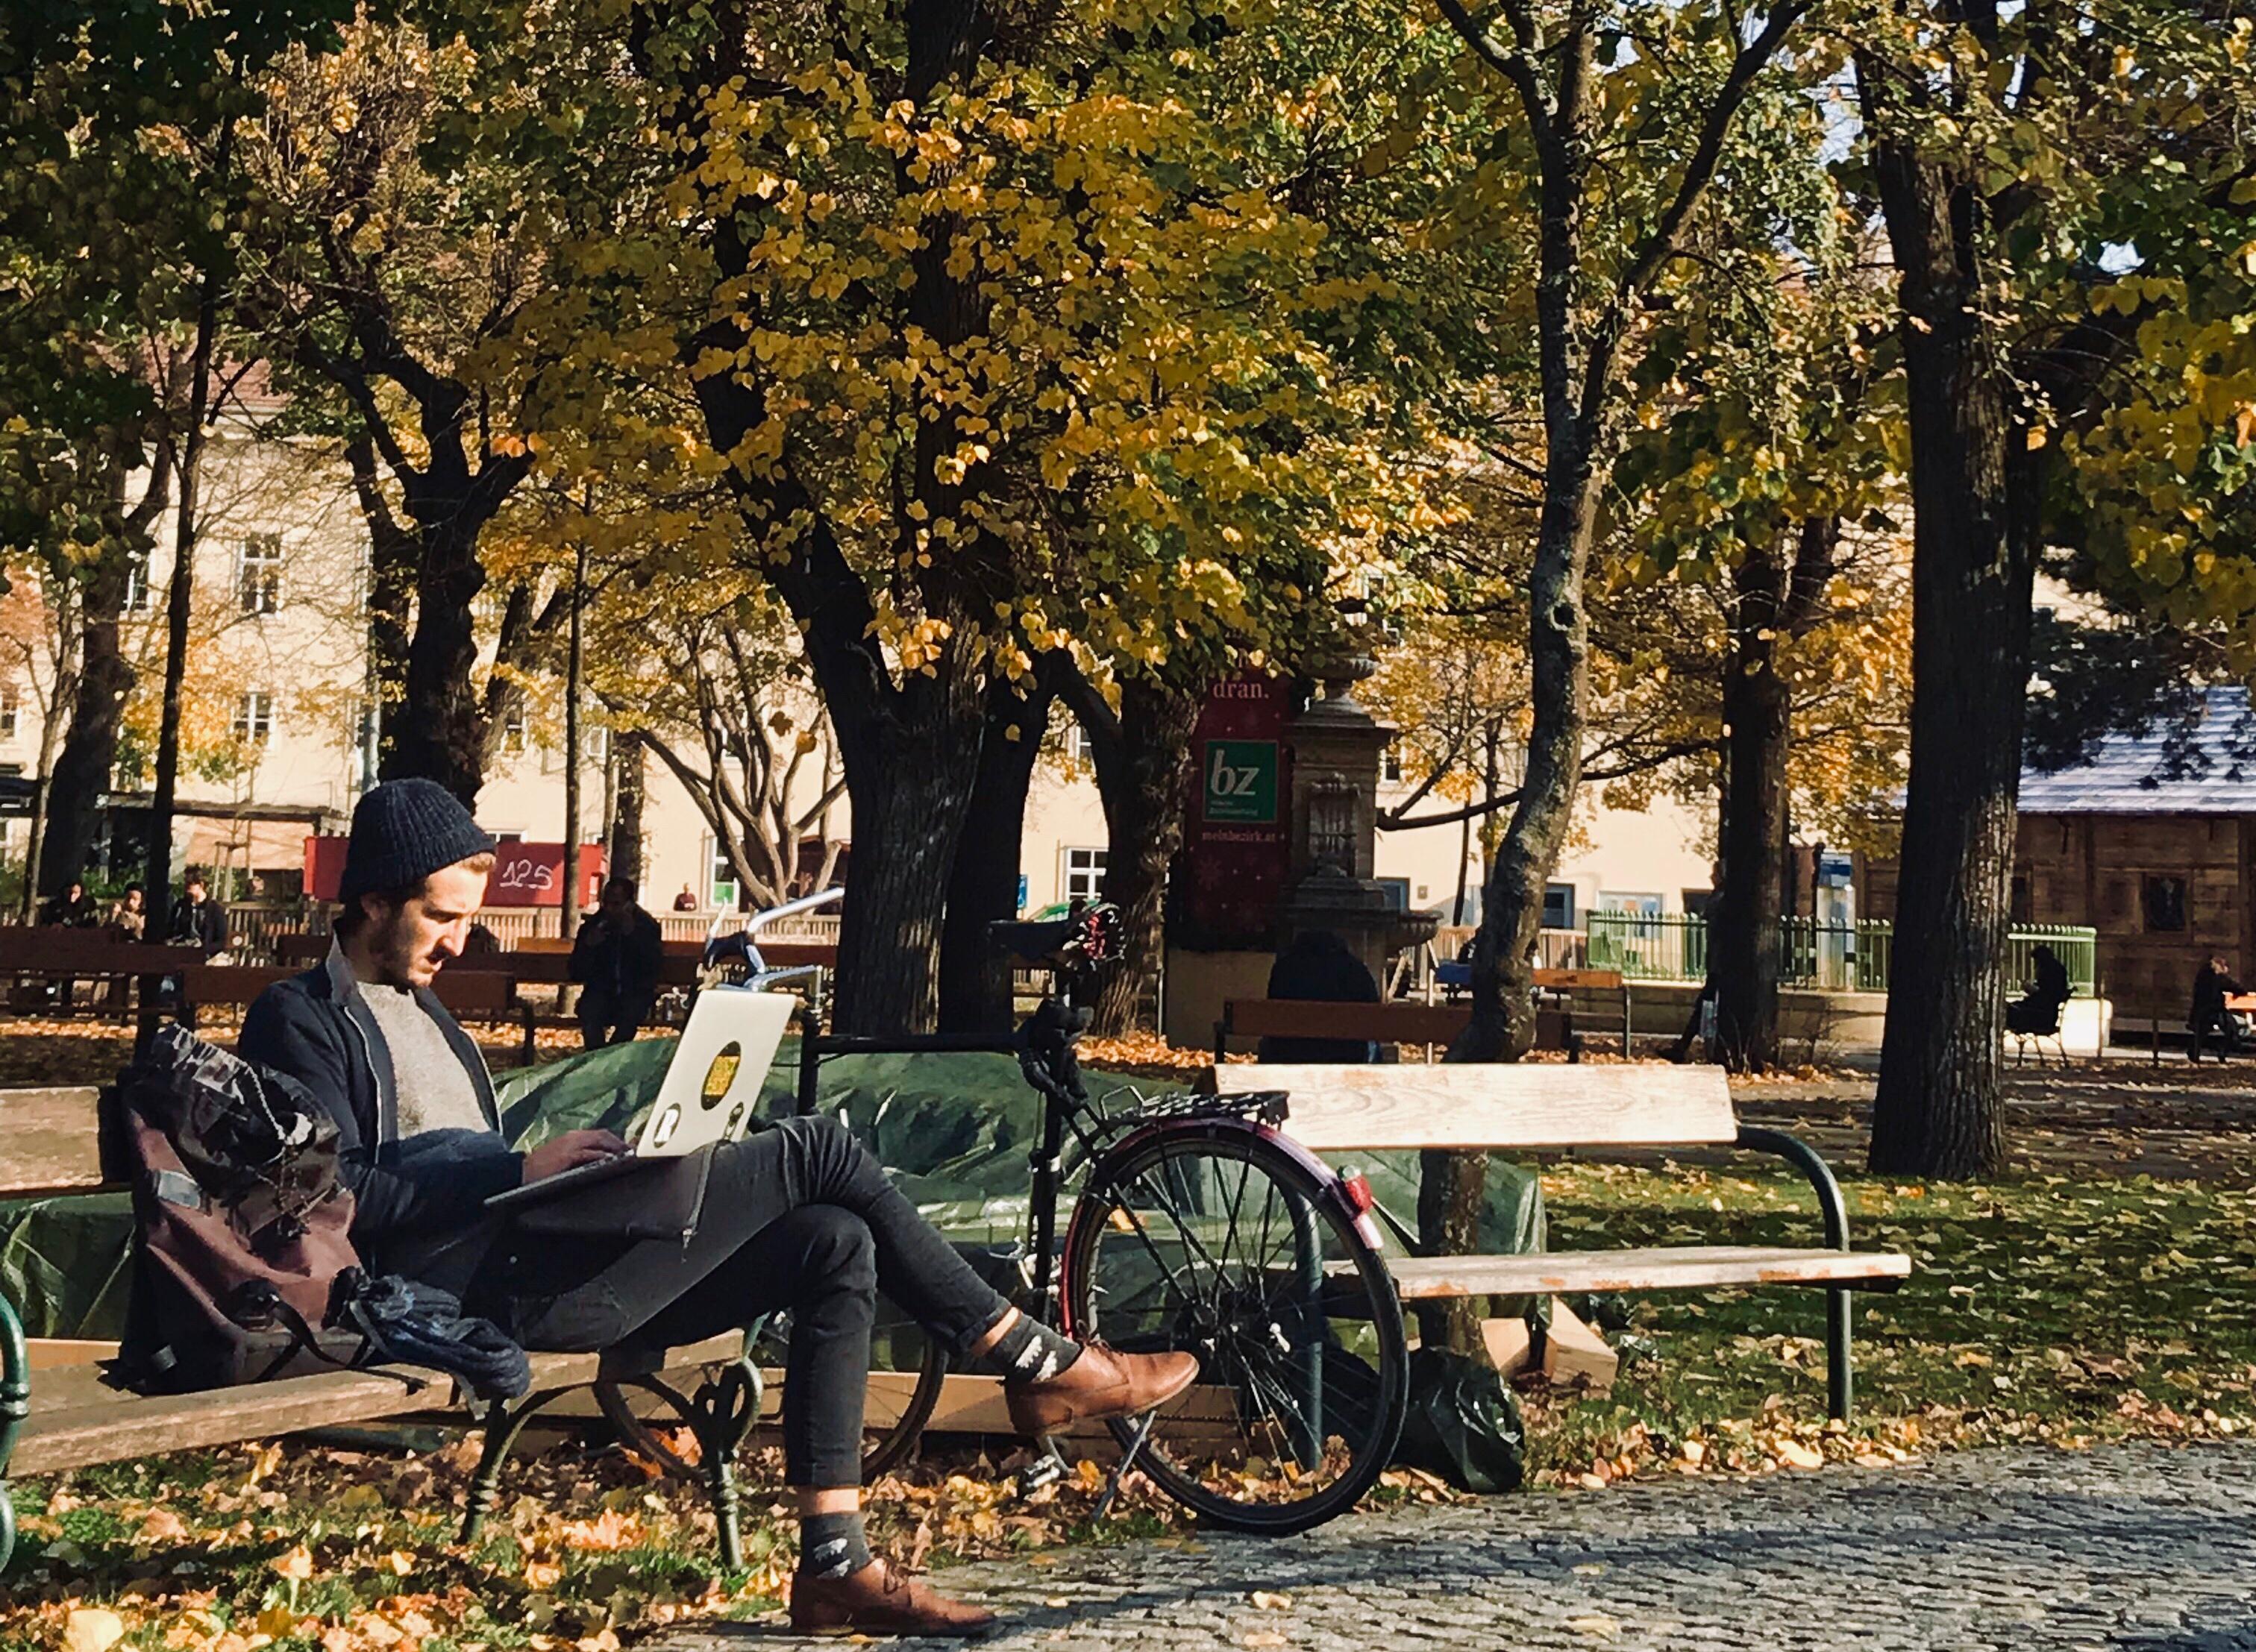 【奧地利 - 維也納大學語言中心】秋風蕭瑟,楓,將維也納大學添上新的顏色。 中午十二點,是午餐時間。 人們不挑剔,席而坐草地。 慢步調是這裡的生活方式。 曬太陽是每天最享受的事。 除了好好學習,看看自己,你不孤單,下課。                                                              (UG4A 何崎禎)